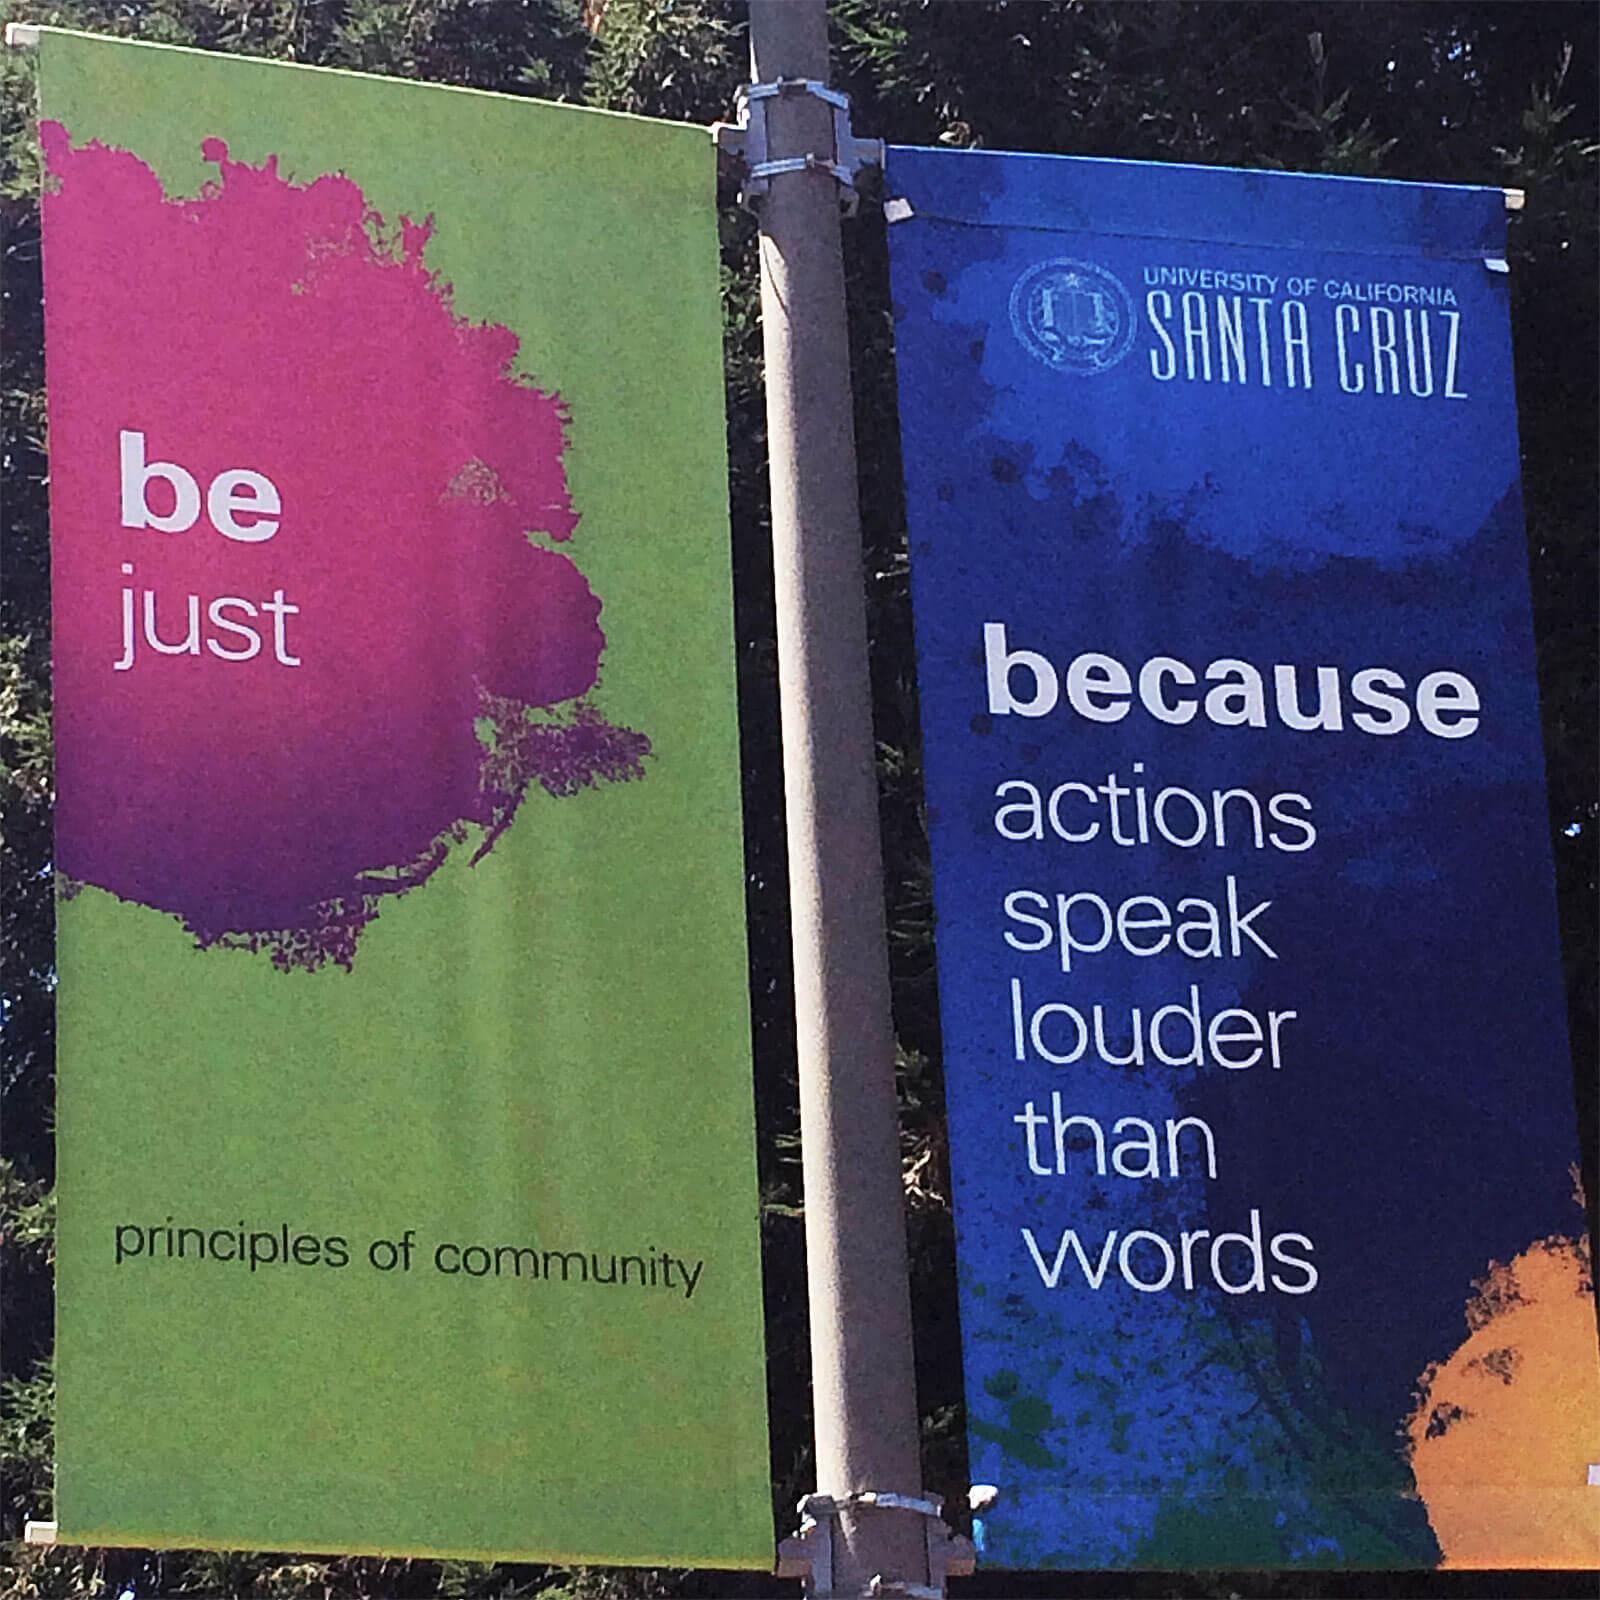 Bandeiras com frases da universidade de Santa Cruz, California